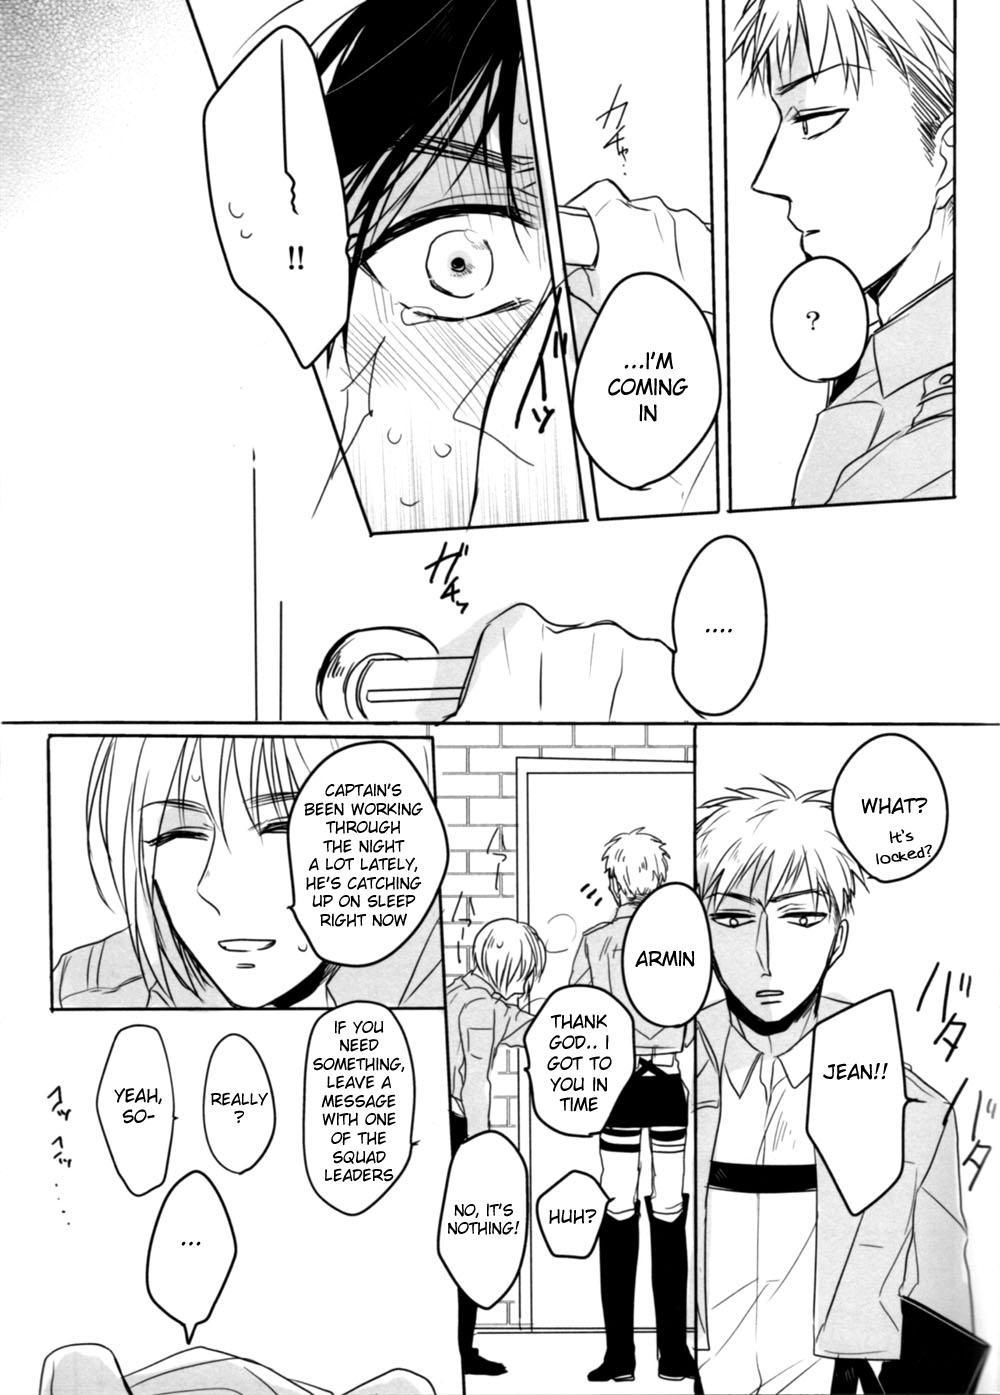 [Dictionary] O-souji Eren-kun to Levi-san (Shingeki no Kyojin) [English] (Moy Moe Scanlations) 11